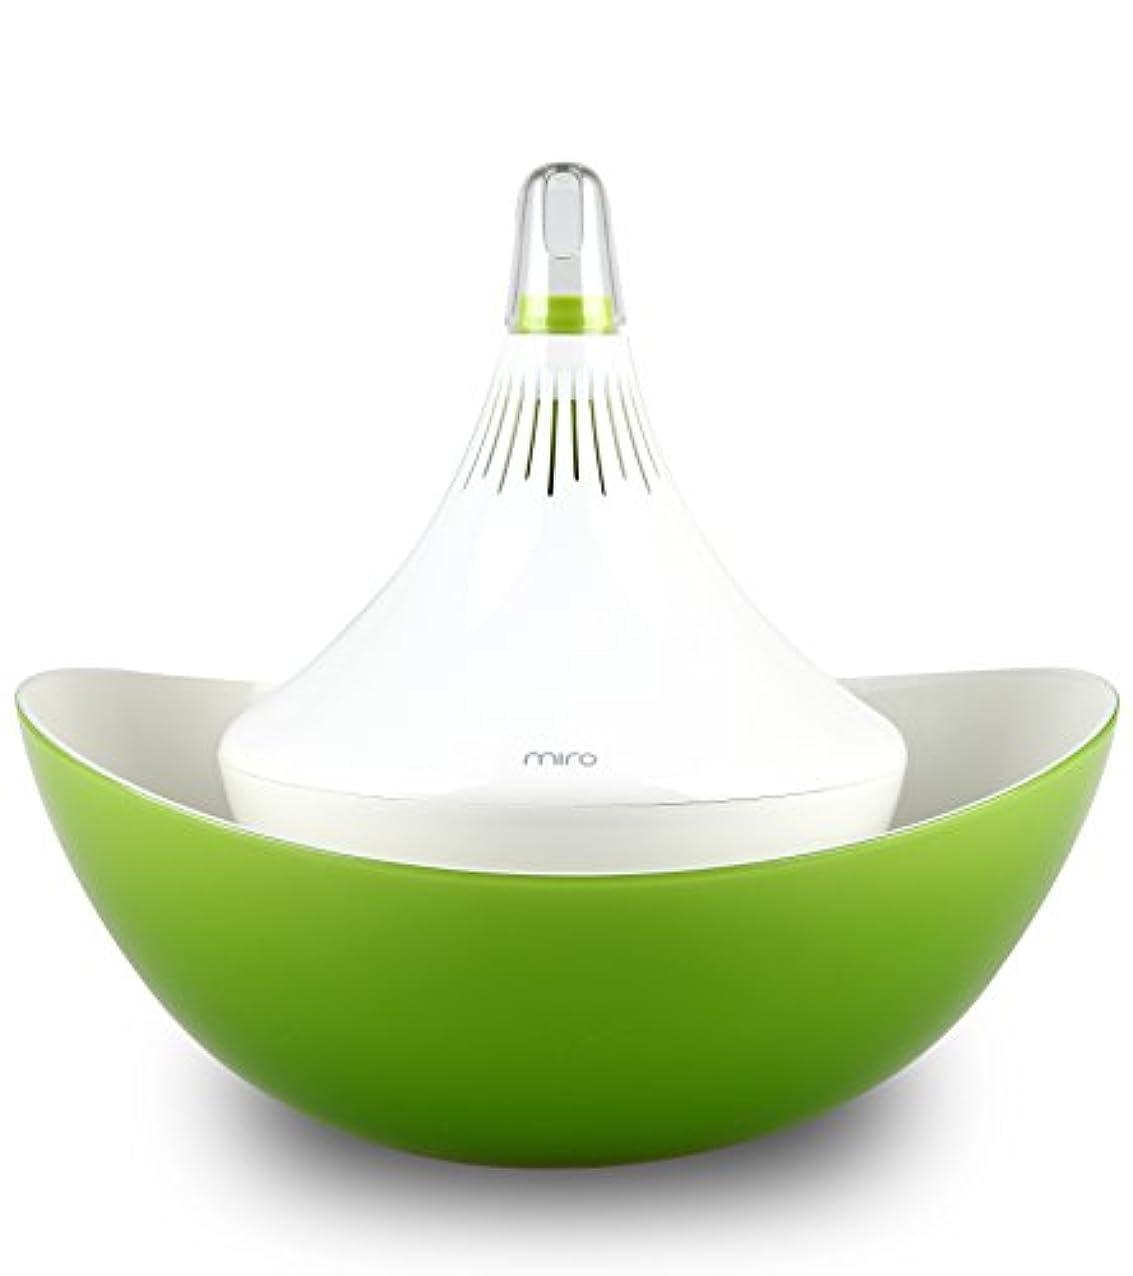 ブラウスビタミン忠実Miro CleanPot Cool-Mist Humidifier and Aroma Oil Diffuser - (Bowl included) by Miro